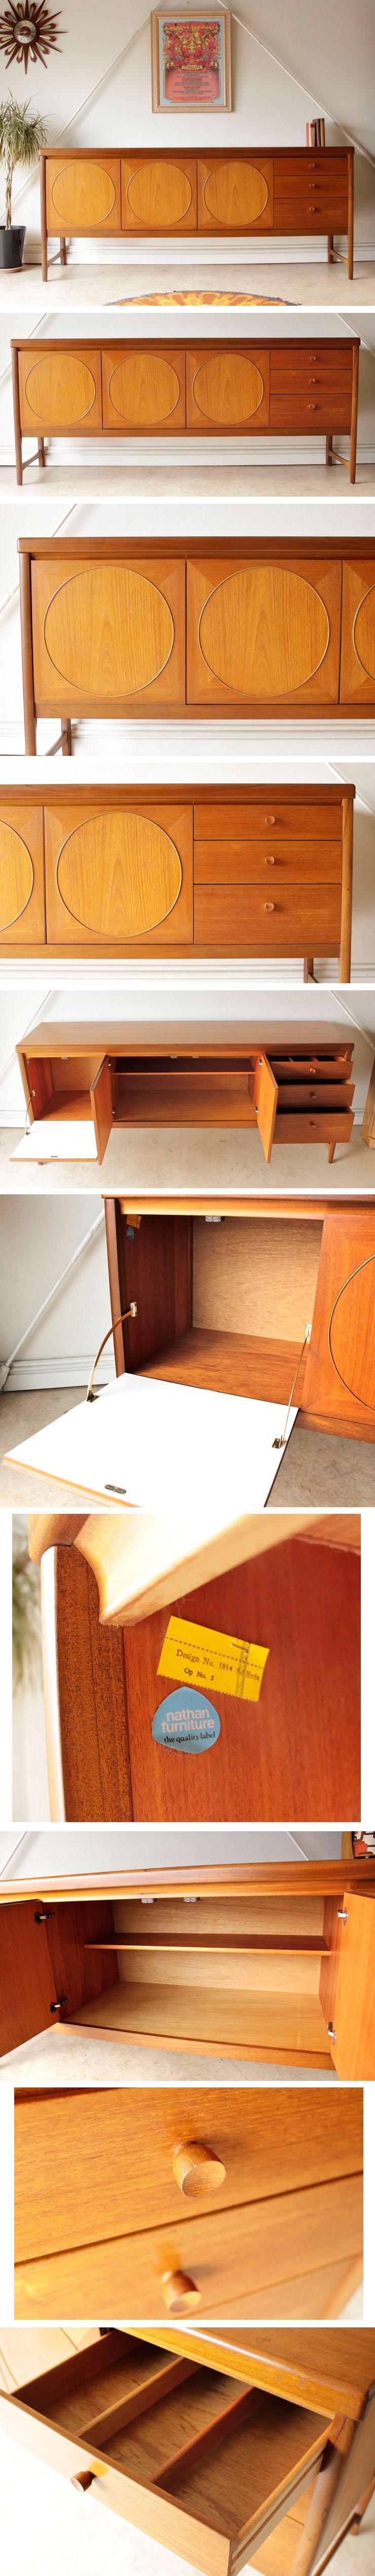 ネイサン・サイドボード・サークル・チーク・ビンテージ・北欧・輸入家具